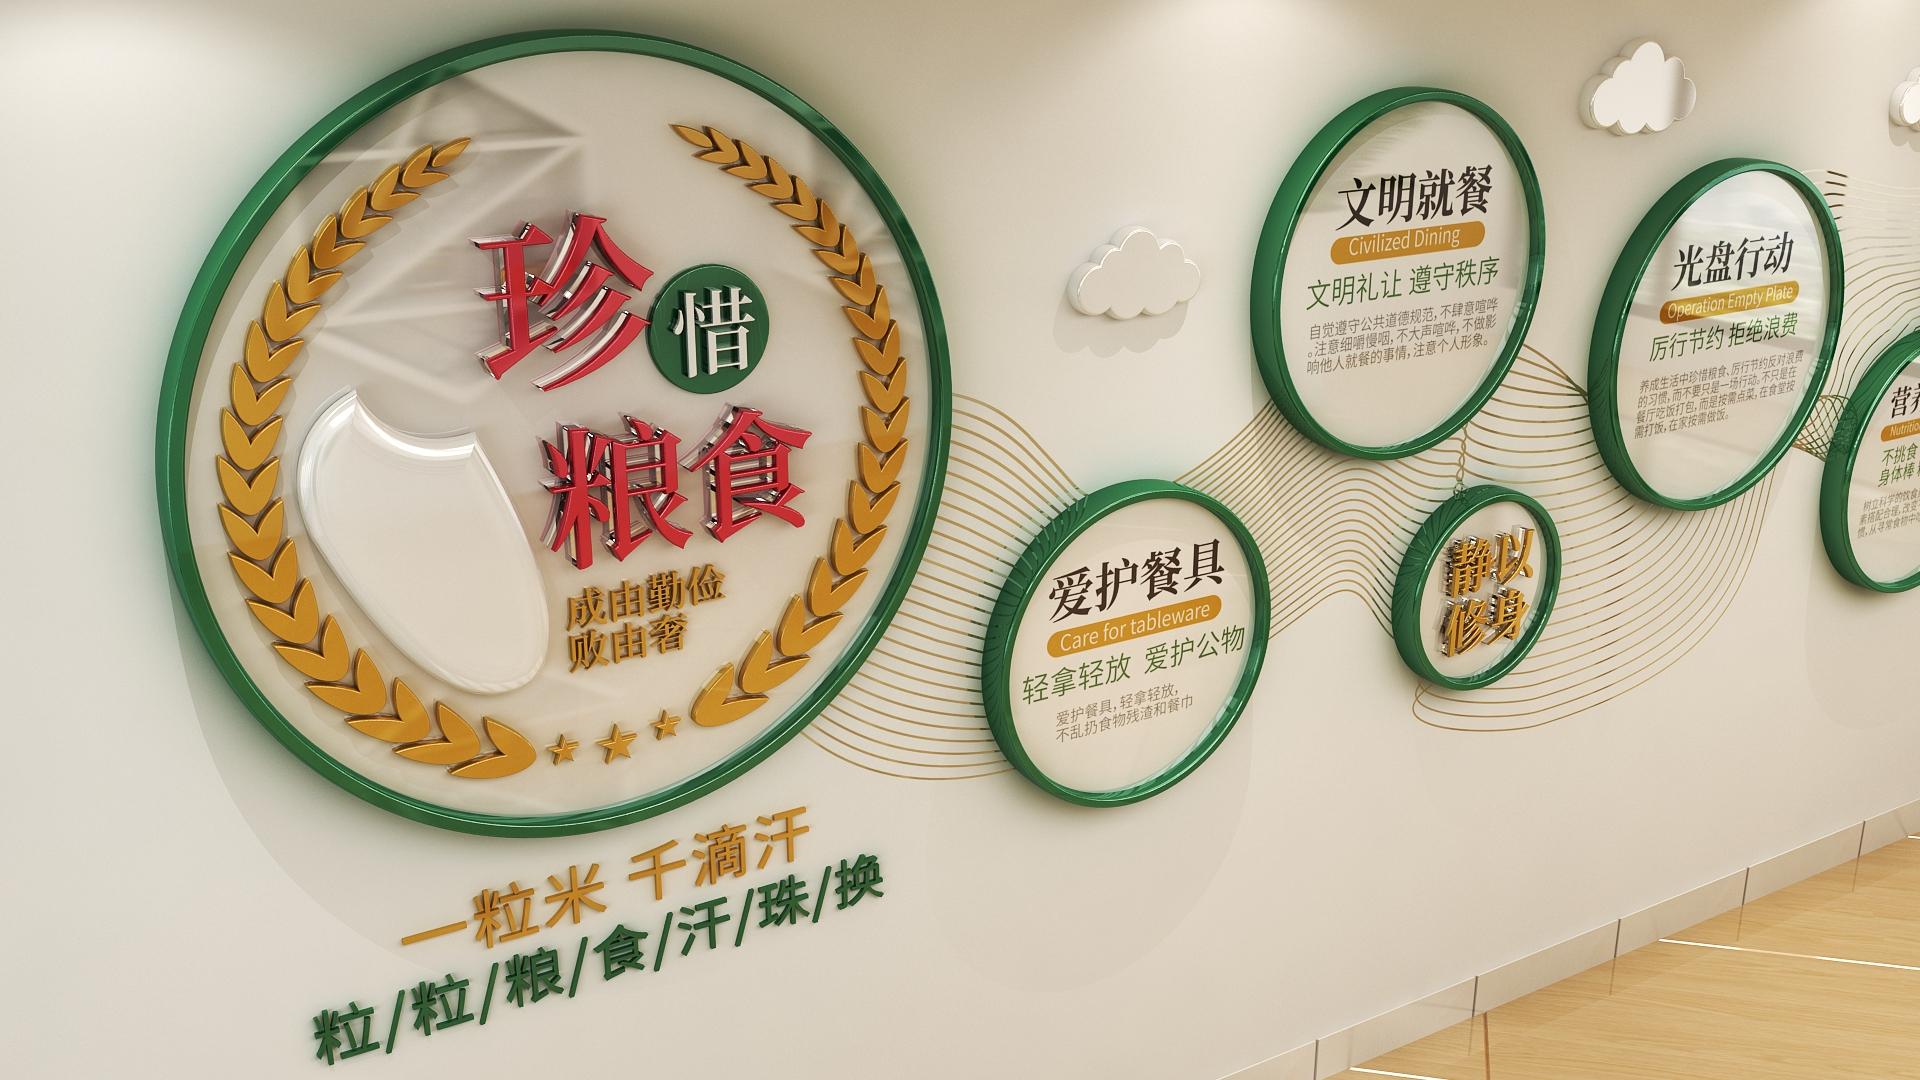 一组干净清爽的食堂3D立体文化墙效果图设计